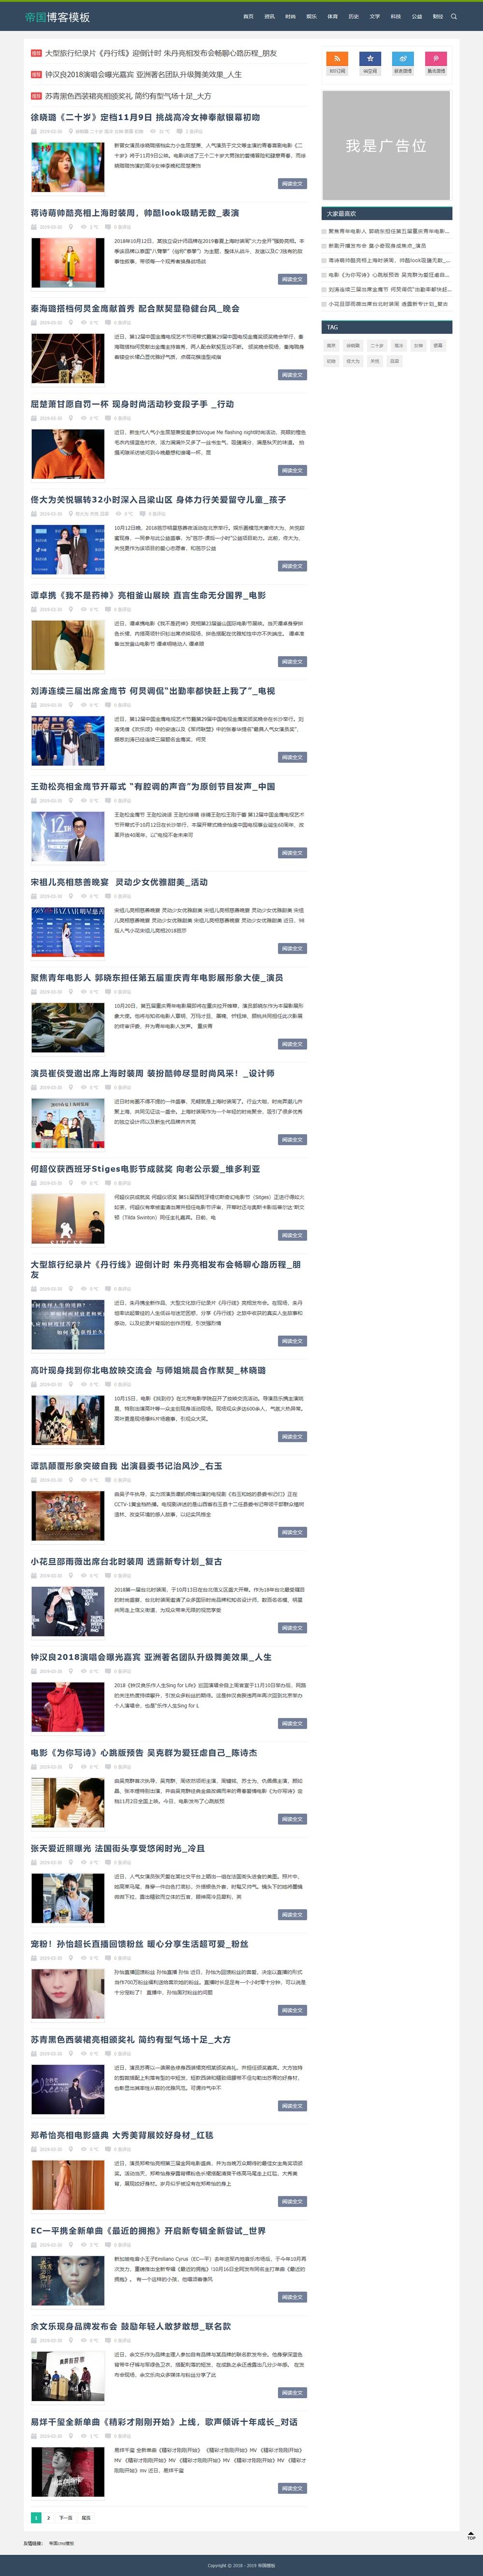 帝国cms响应式自适应手机文章资讯博客通用网站模板_首页